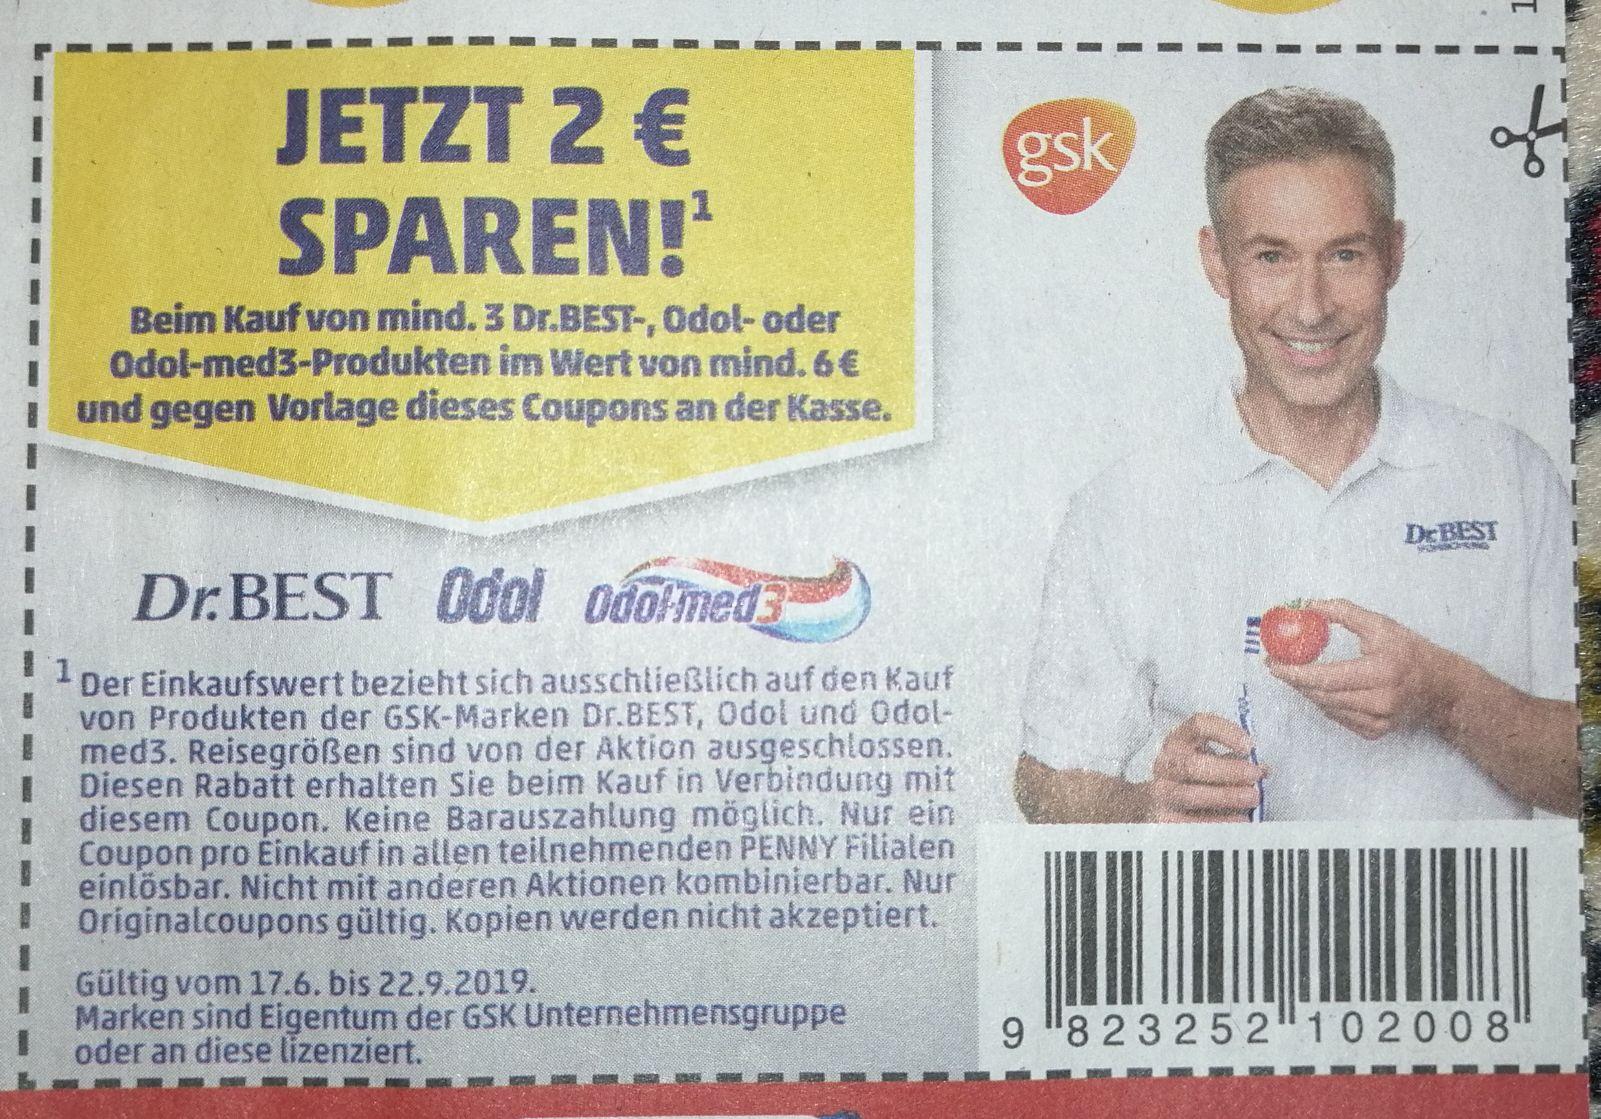 2€ Rabatt beim Kauf von mind. 3 Produkten im Wert von mind. 6€ der Marken Dr. BEST, Odol und Odol-med3 (Rossmann App)